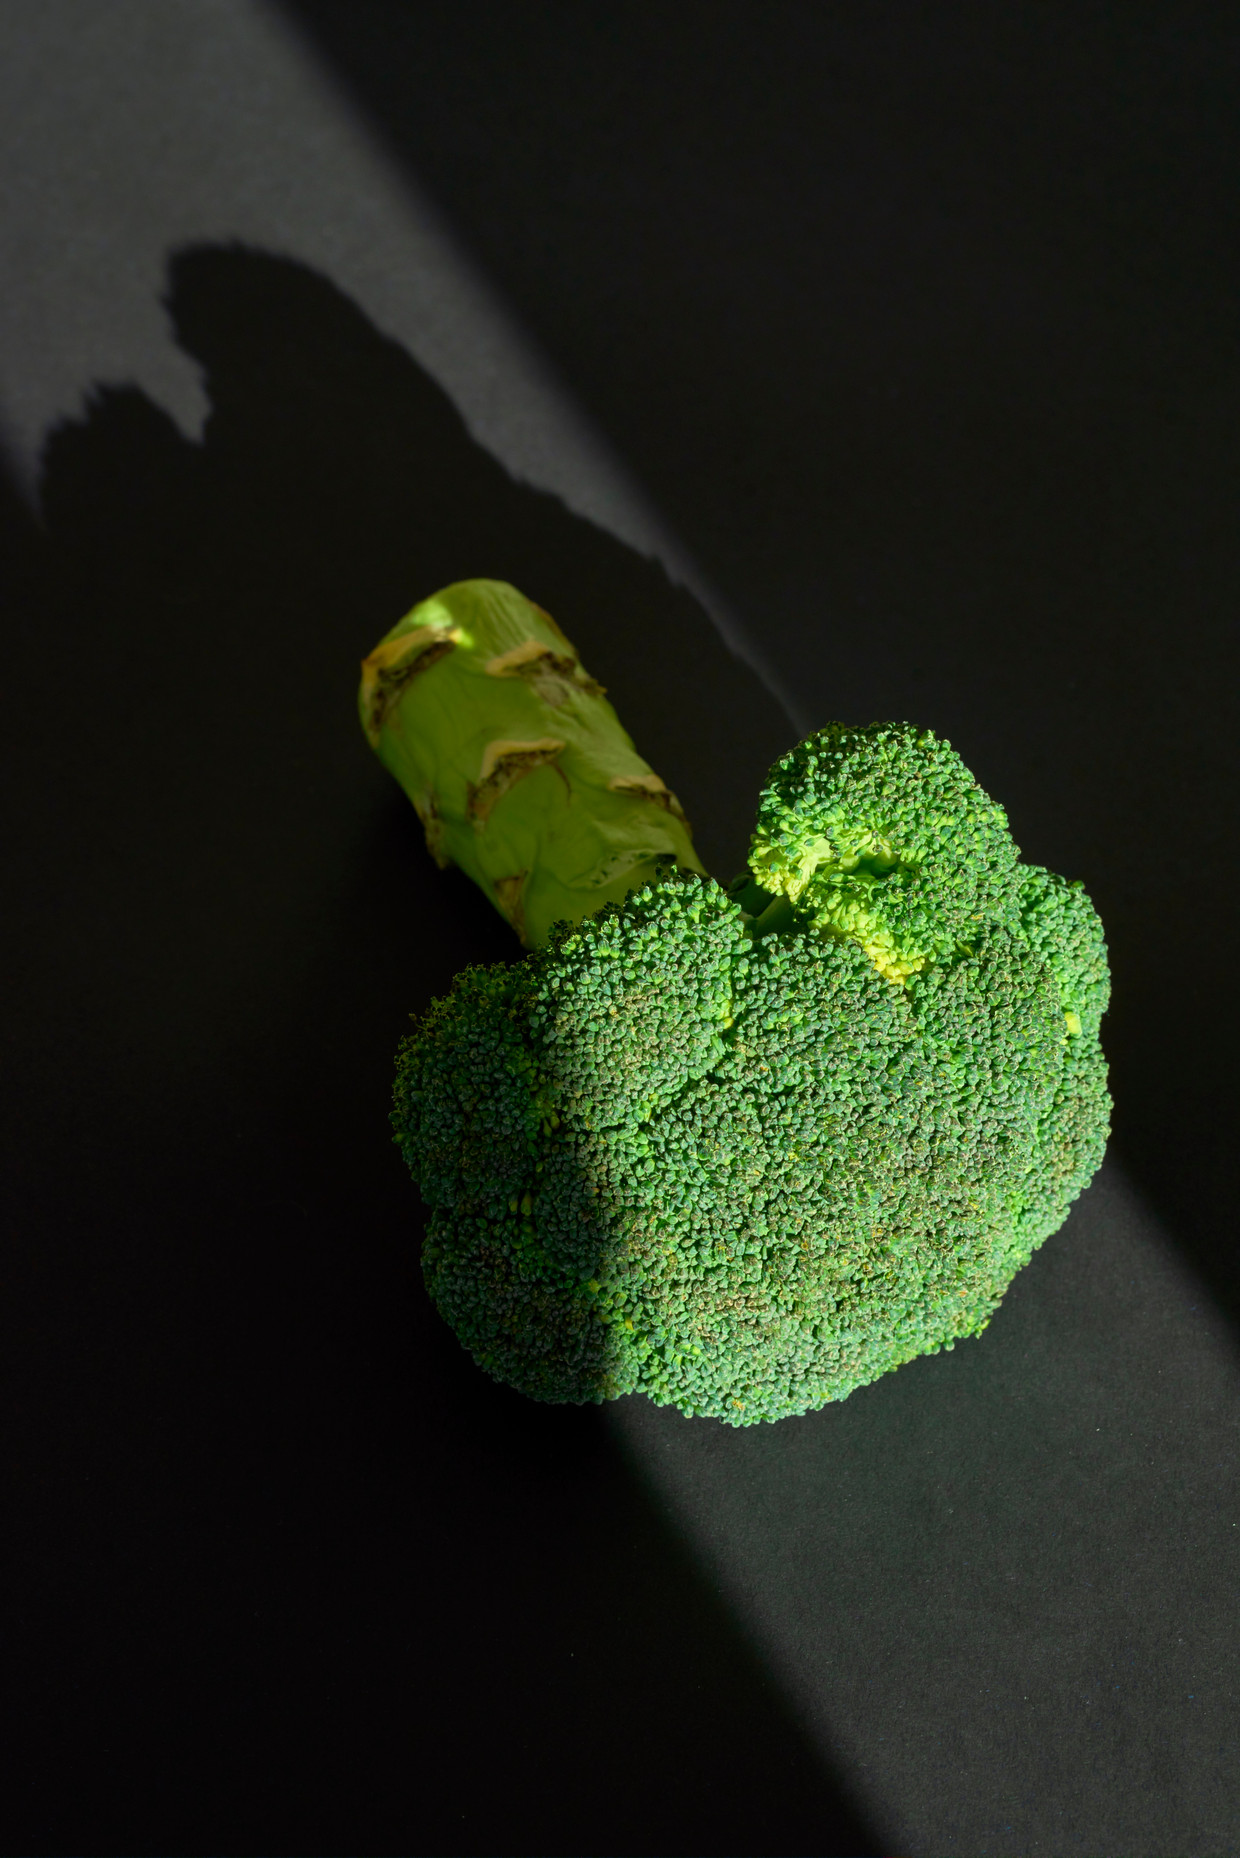 Bitter eten, zoals broccoli is gezond. Beeld Getty Images/EyeEm